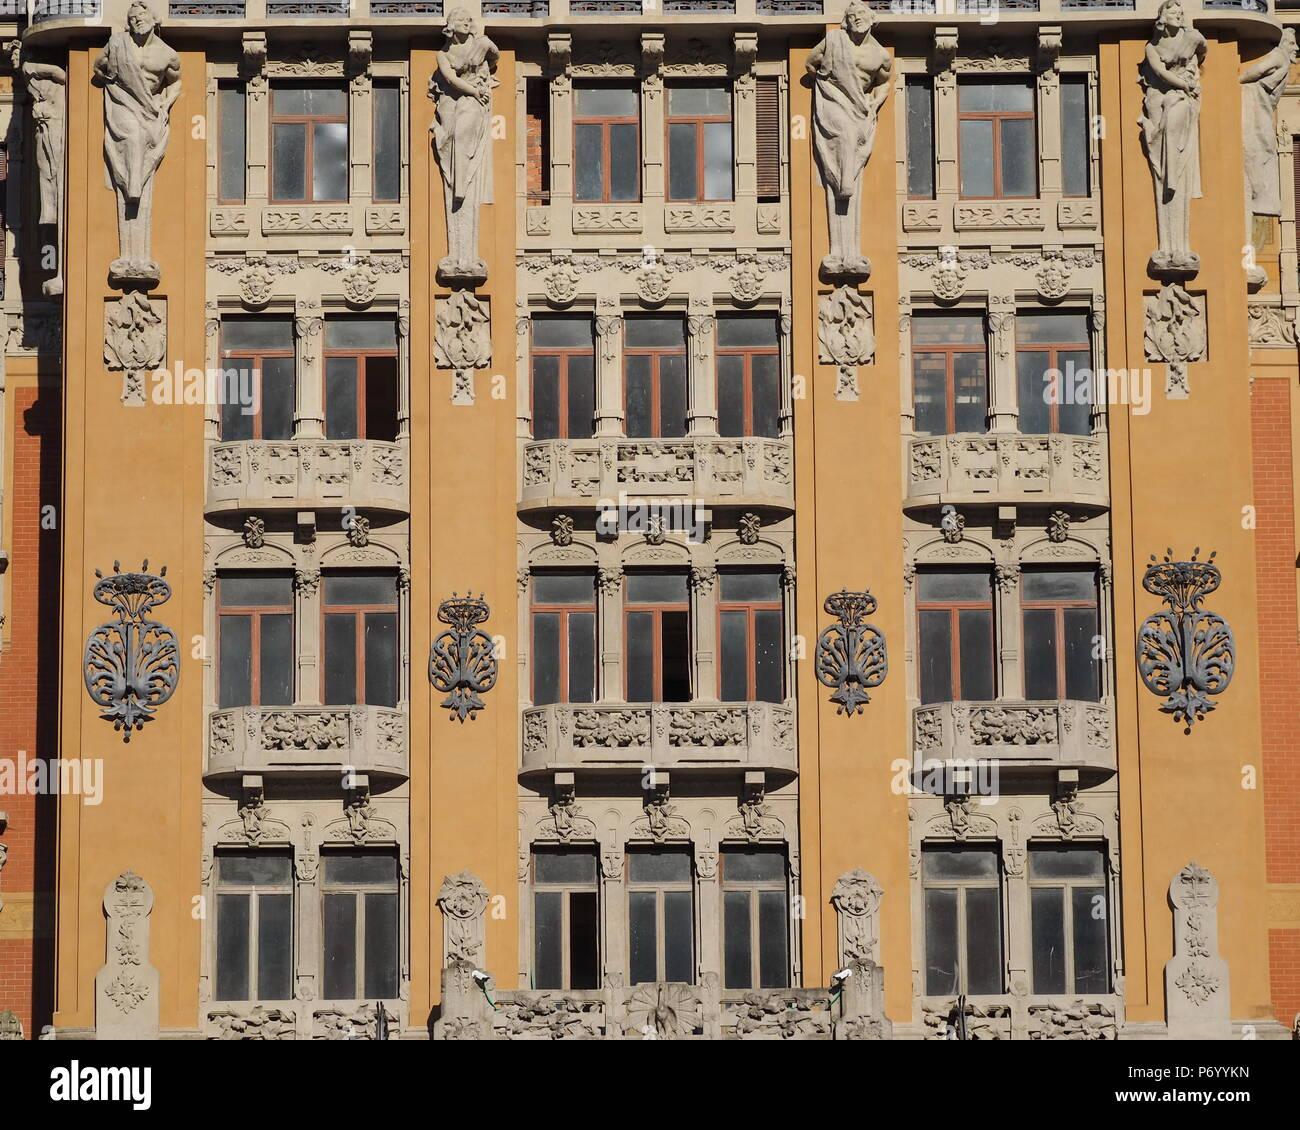 San Pellegrino Terme, Bergamo, Italia - 30 Giugno 2018: Grand Hotel in stile liberty in fase di ristrutturazione, dettagli facciata, windows Immagini Stock